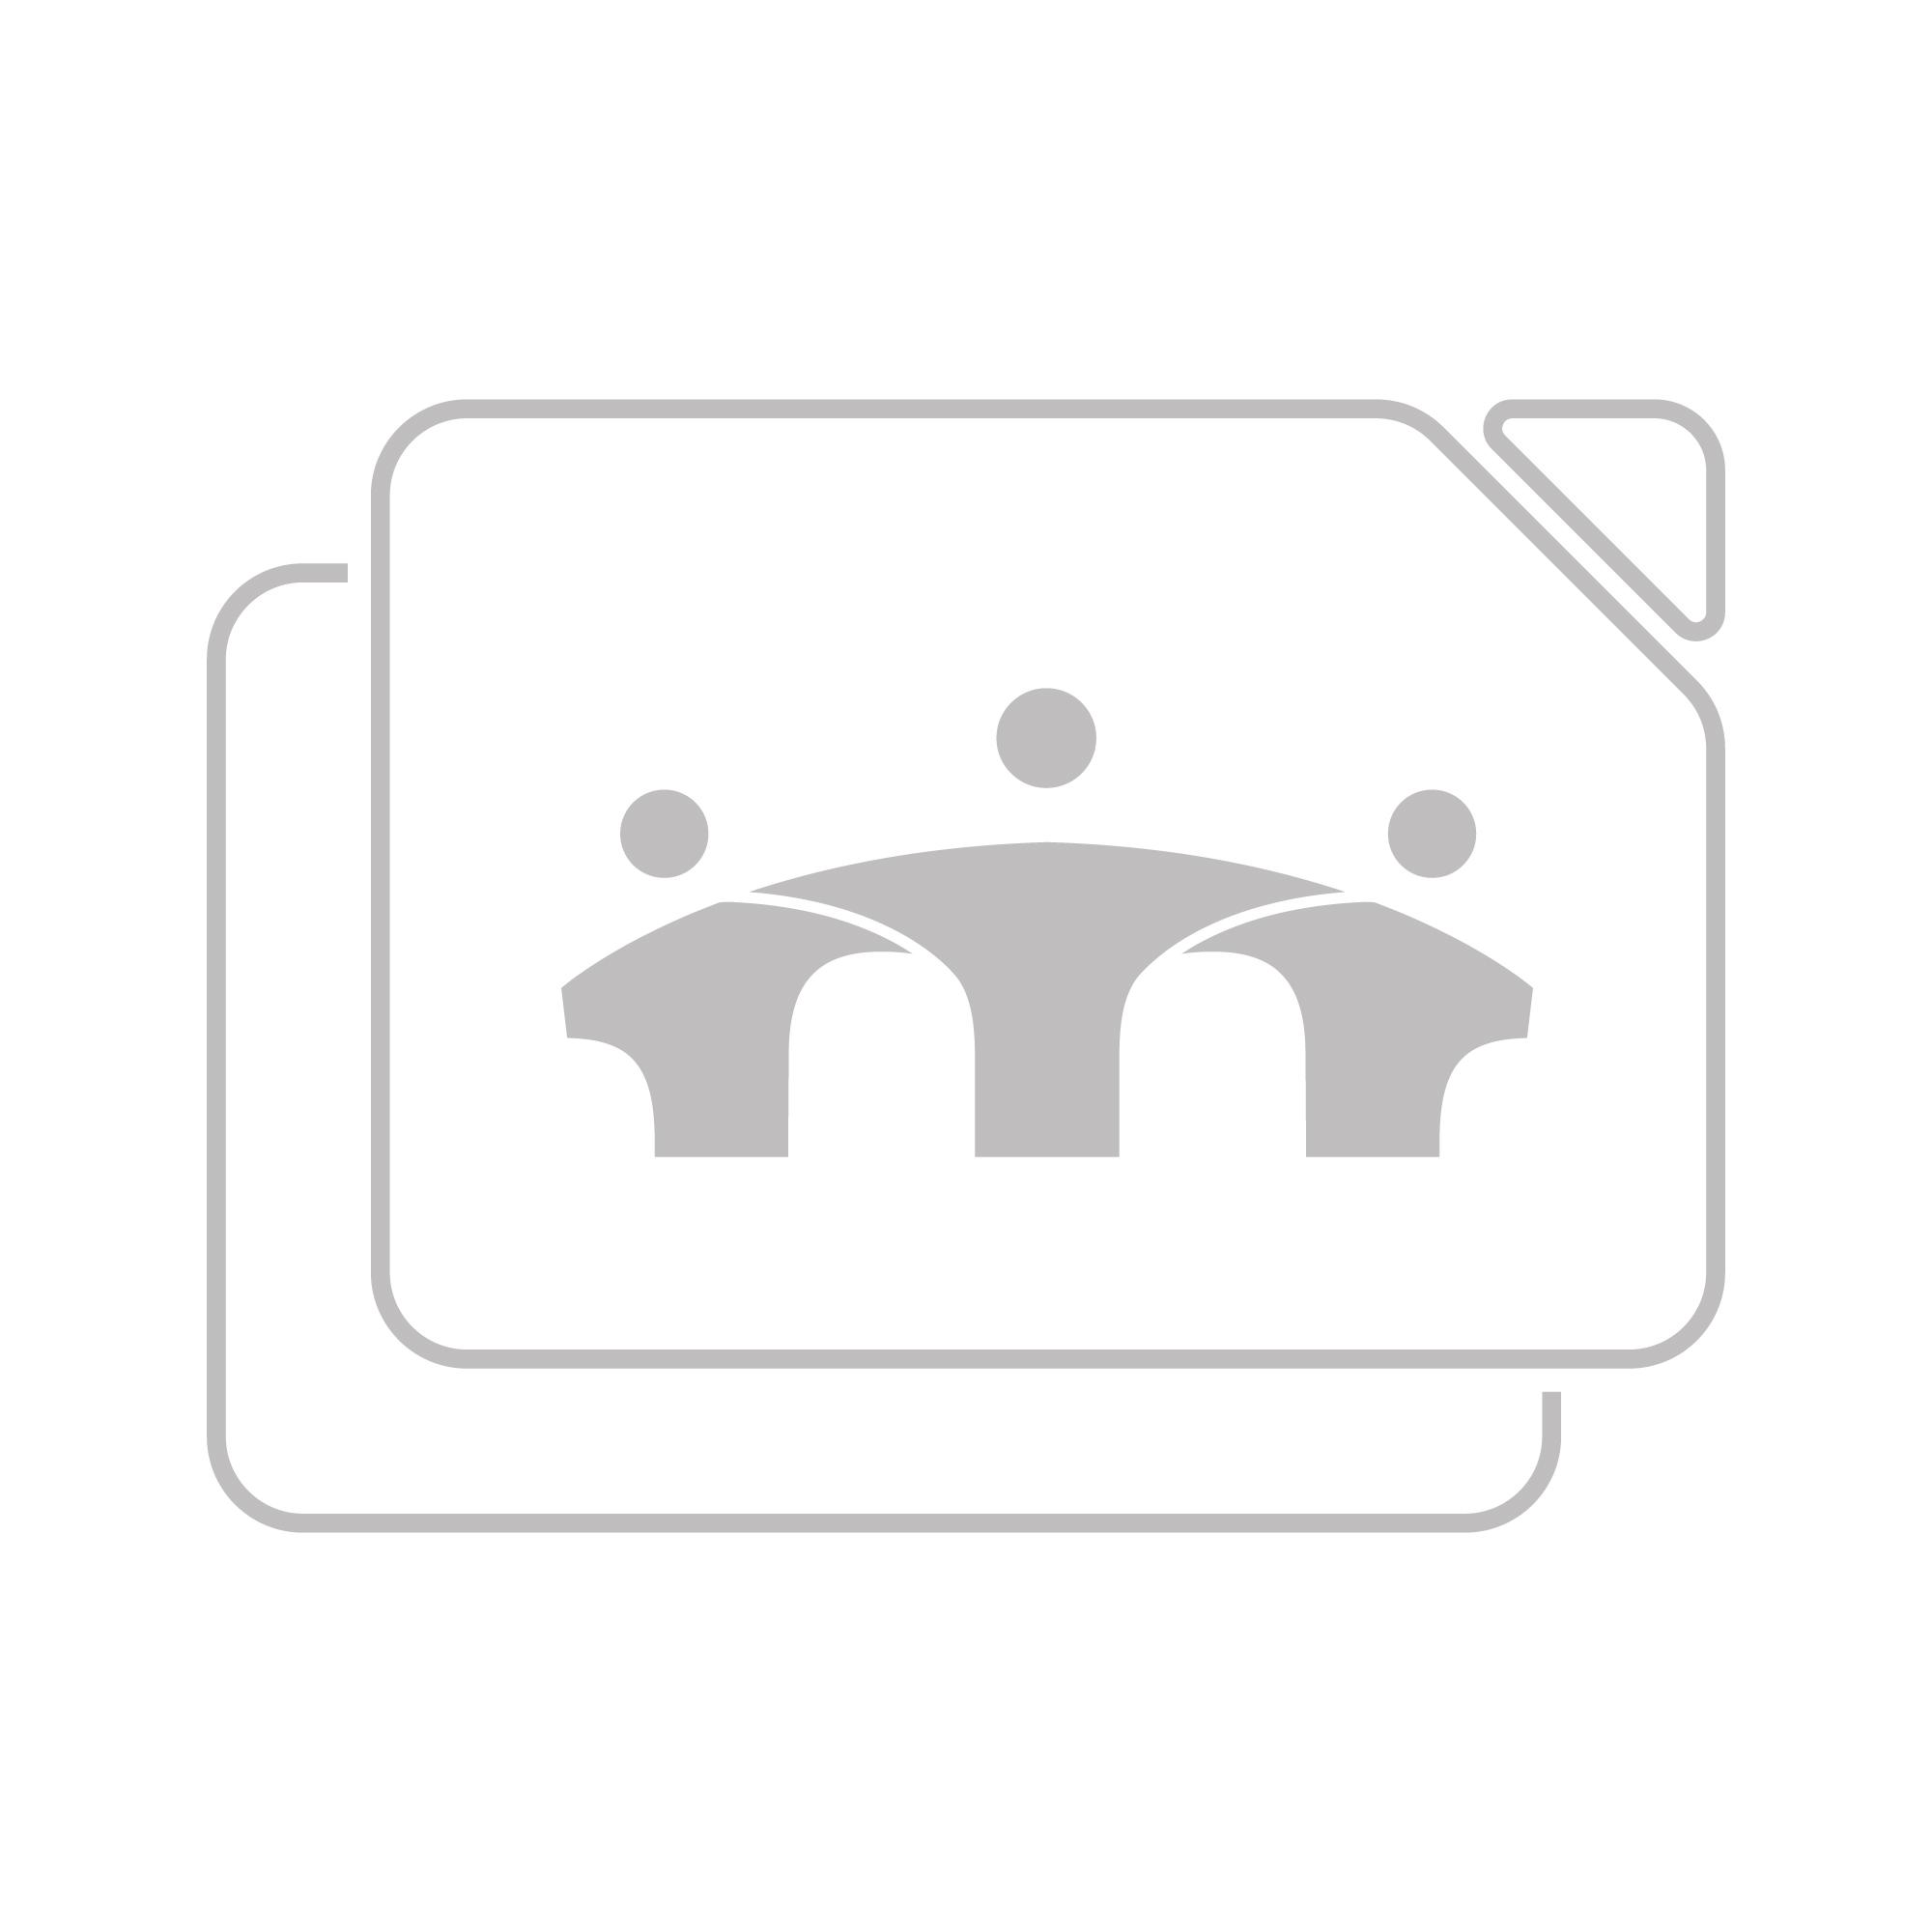 SanDisk Extreme Pro SDHC UHS-II 64GB V90